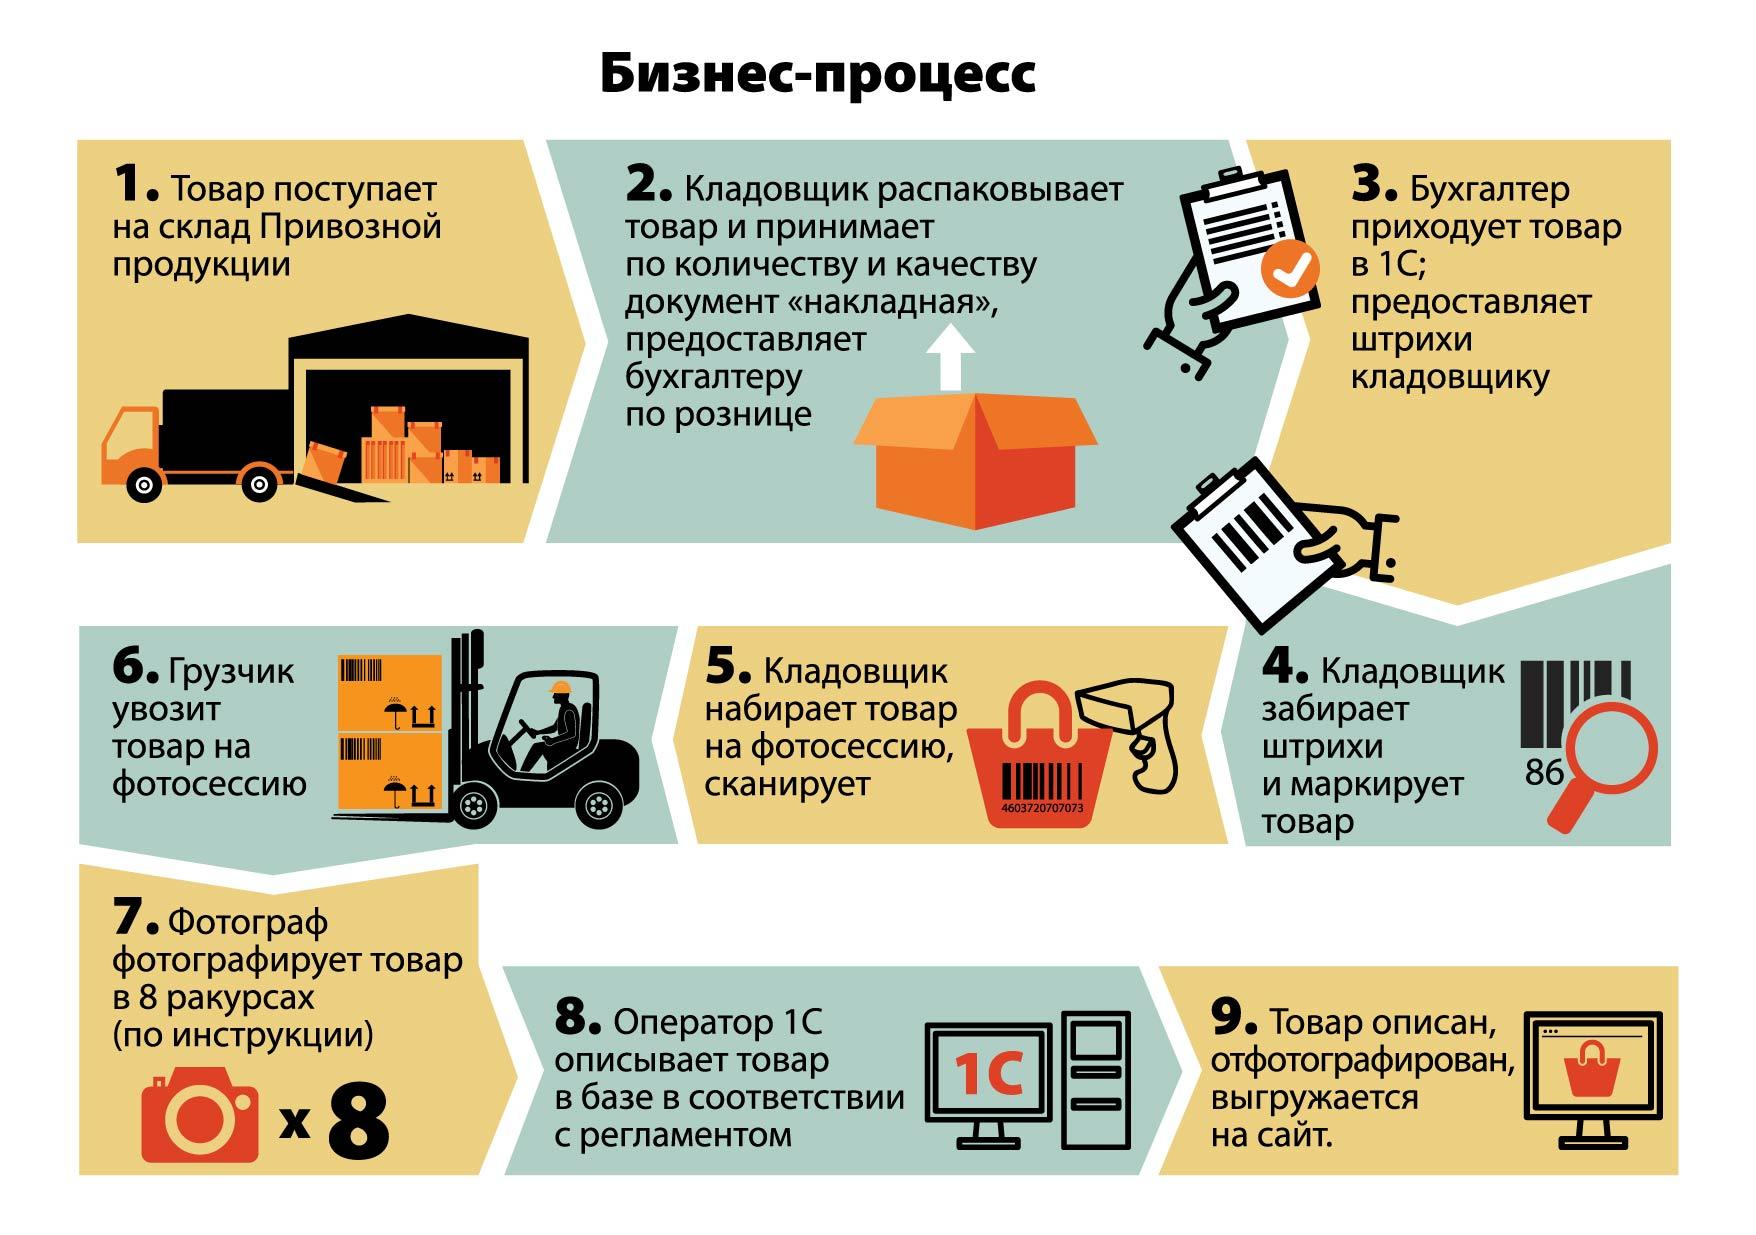 Бизнес процессы Пенкина 600 р